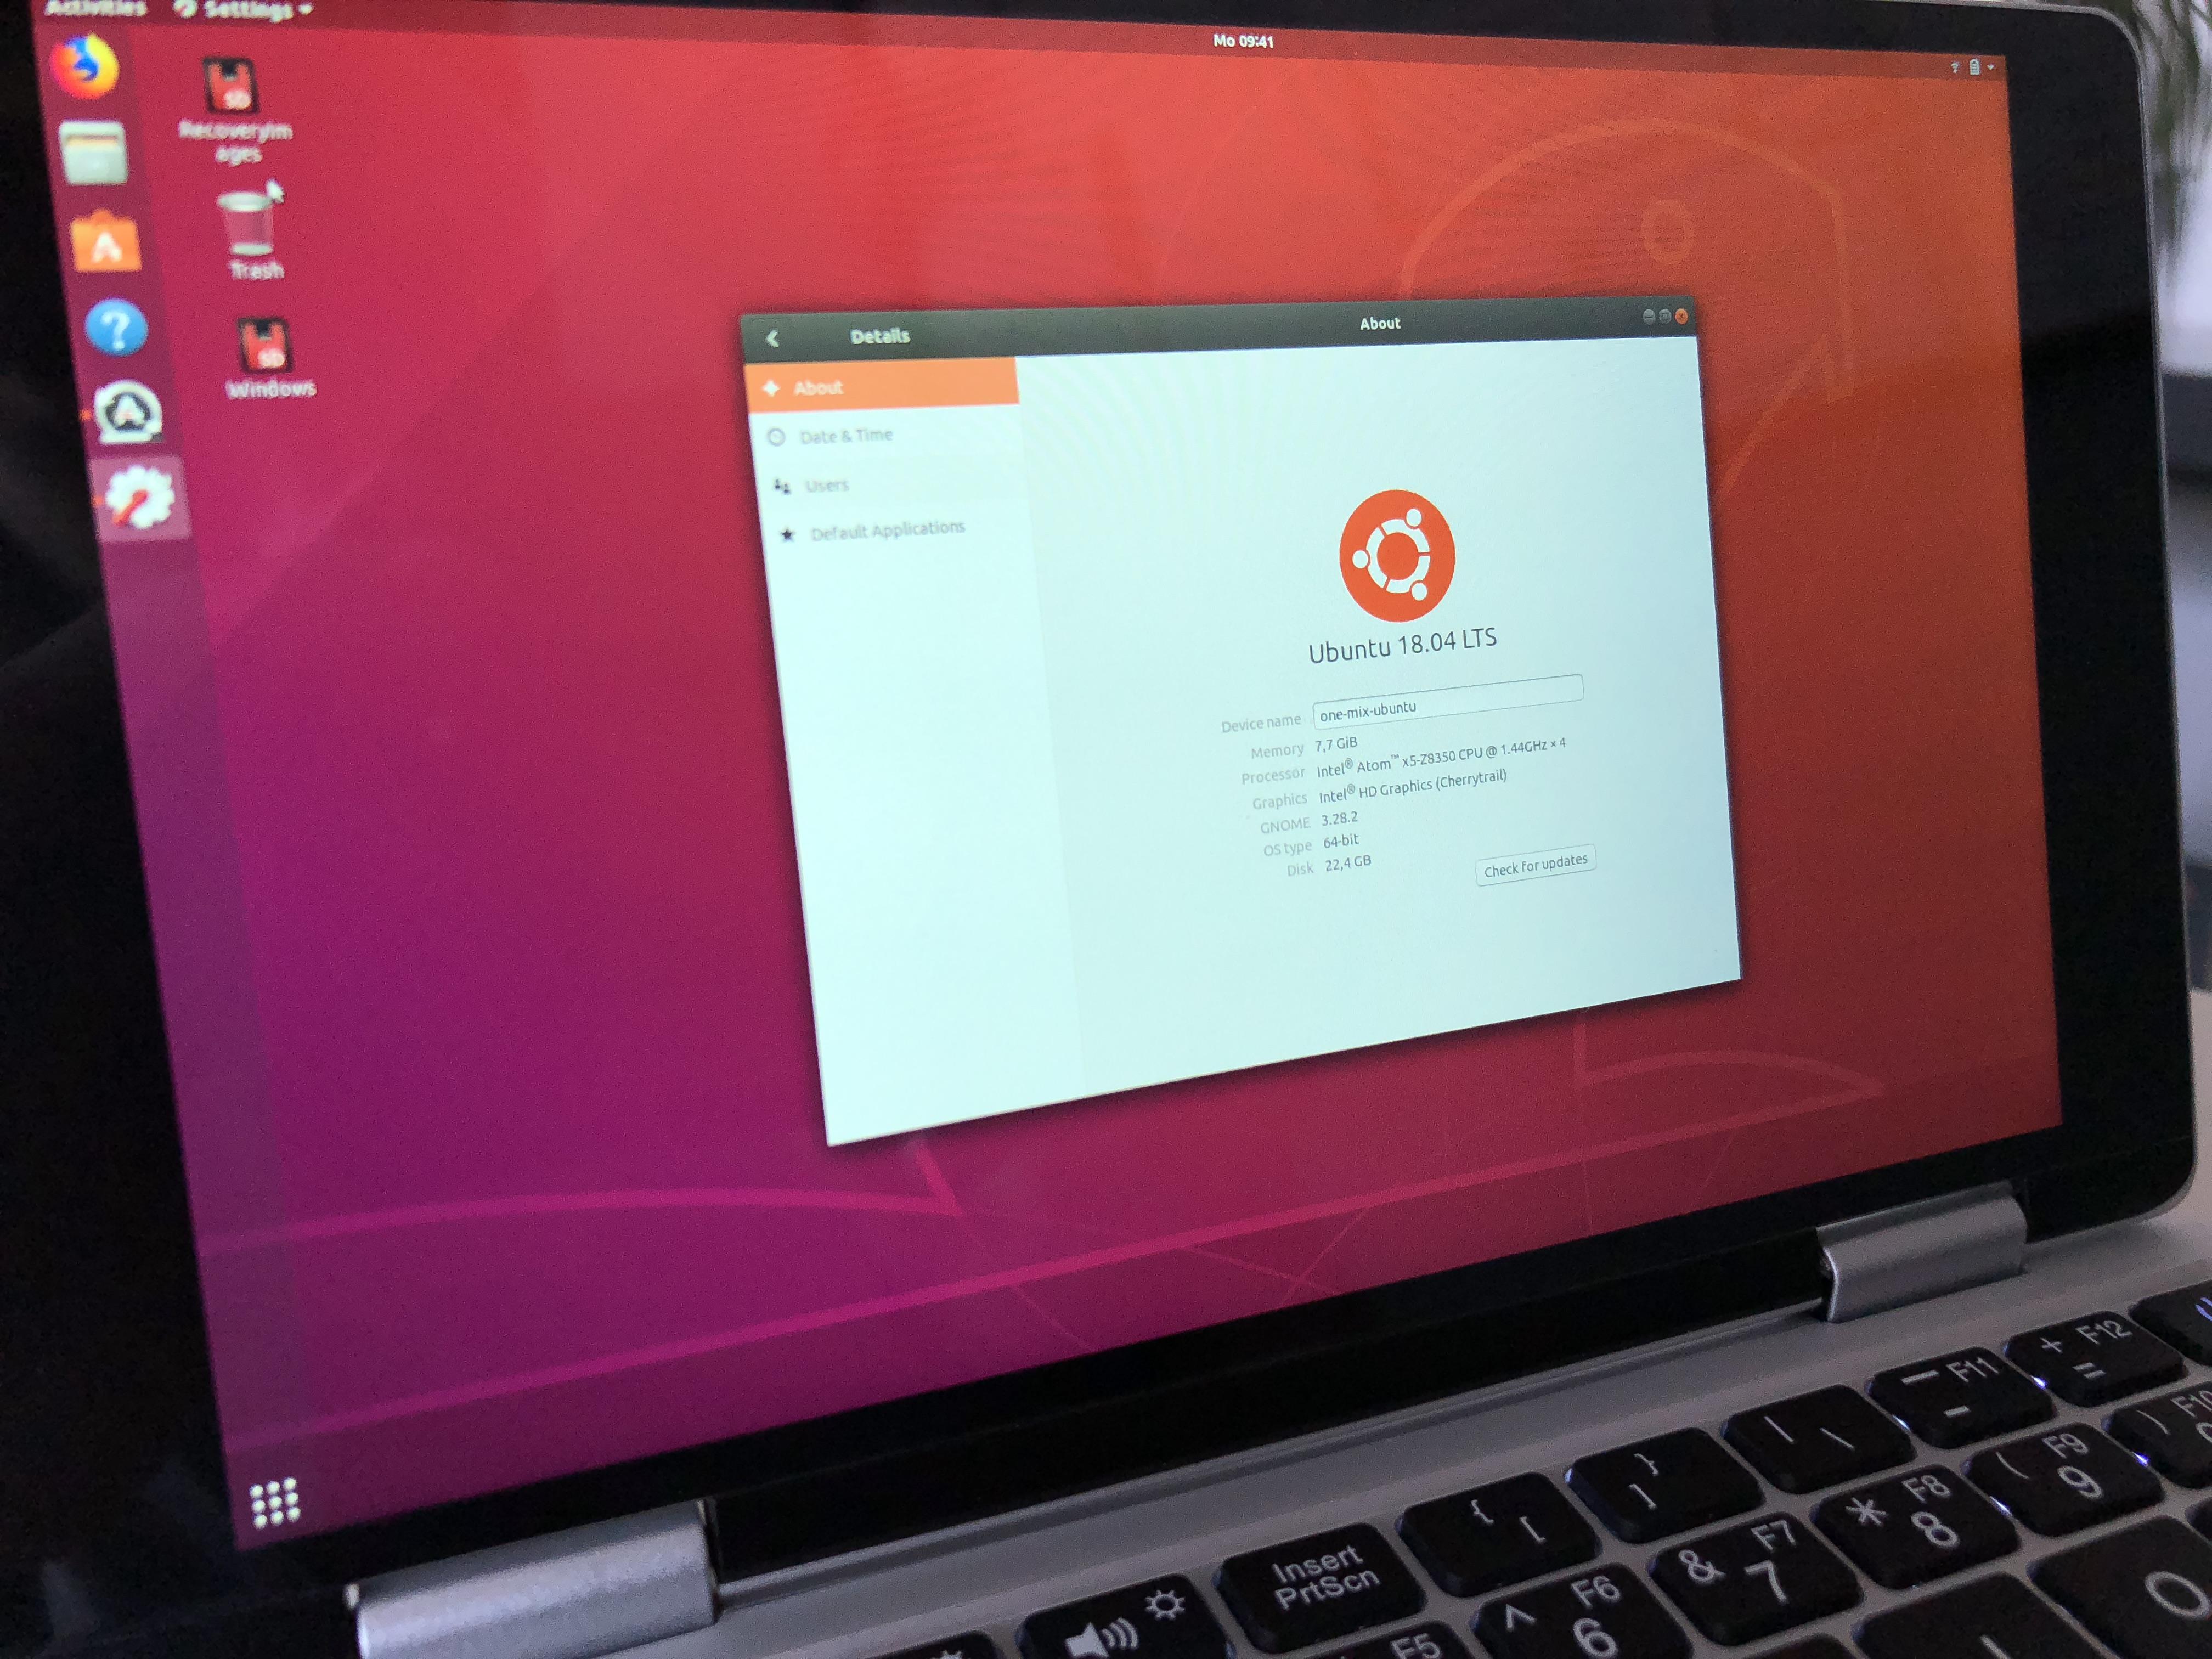 One Mix Yoga 2 Linux | Wajiyoga co